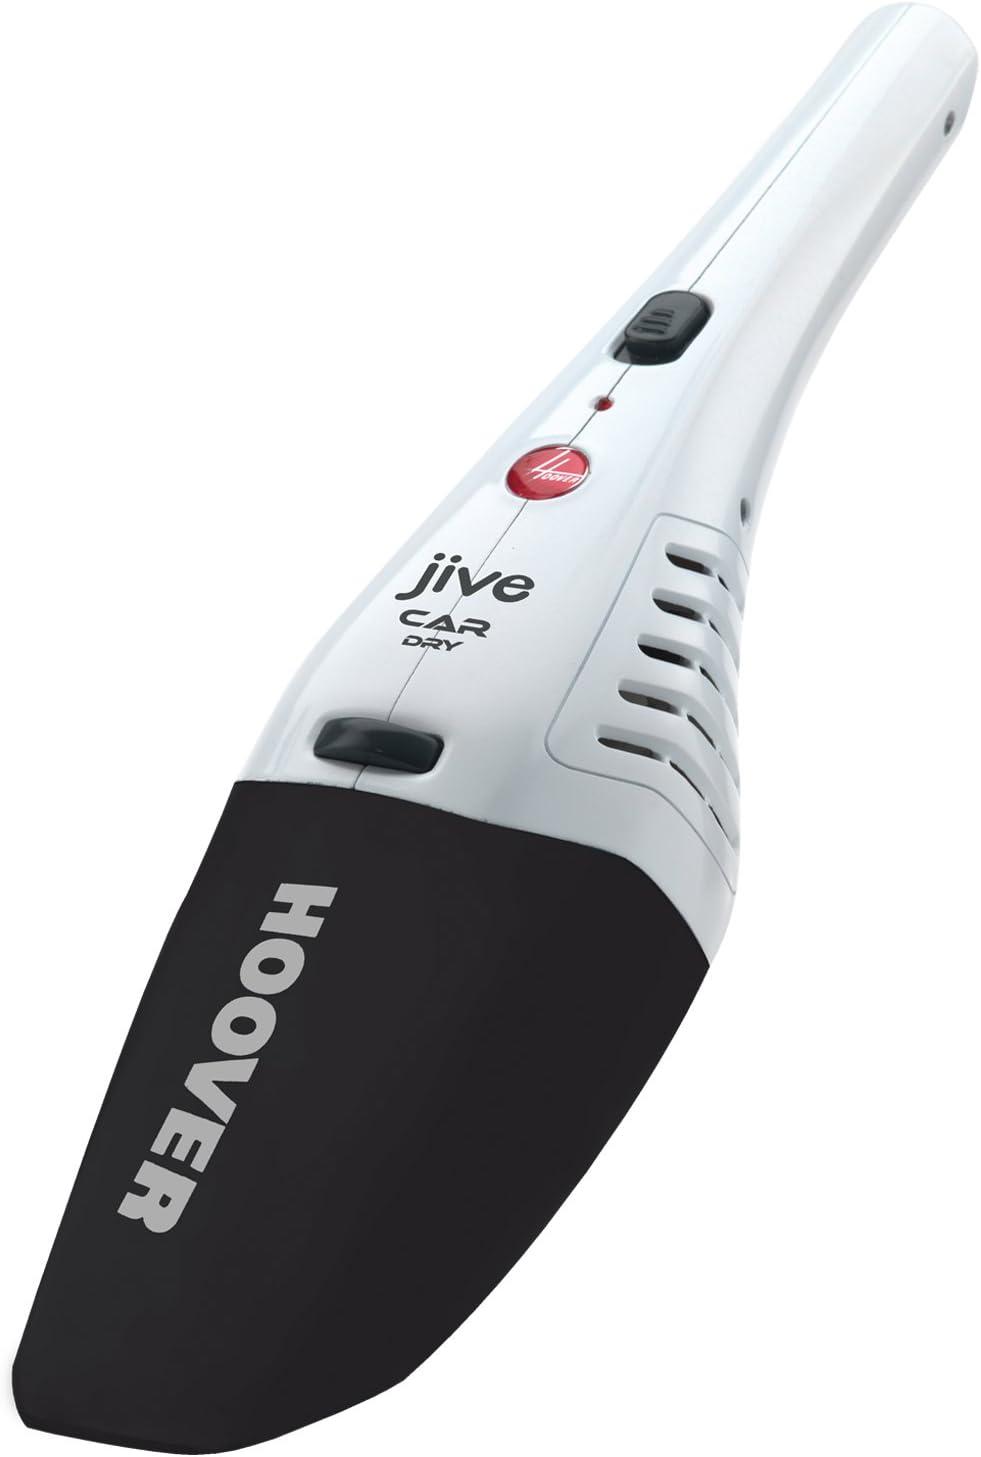 Hoover Jive SJ4000DWB6 Car Aspiradora de mano, Especial limpieza, Enchufe coche, Accesorio rincones, Cepillo para polvo, Batería, 40 W, 0.3 litros, 75 Decibelios, Plástico, Blanco